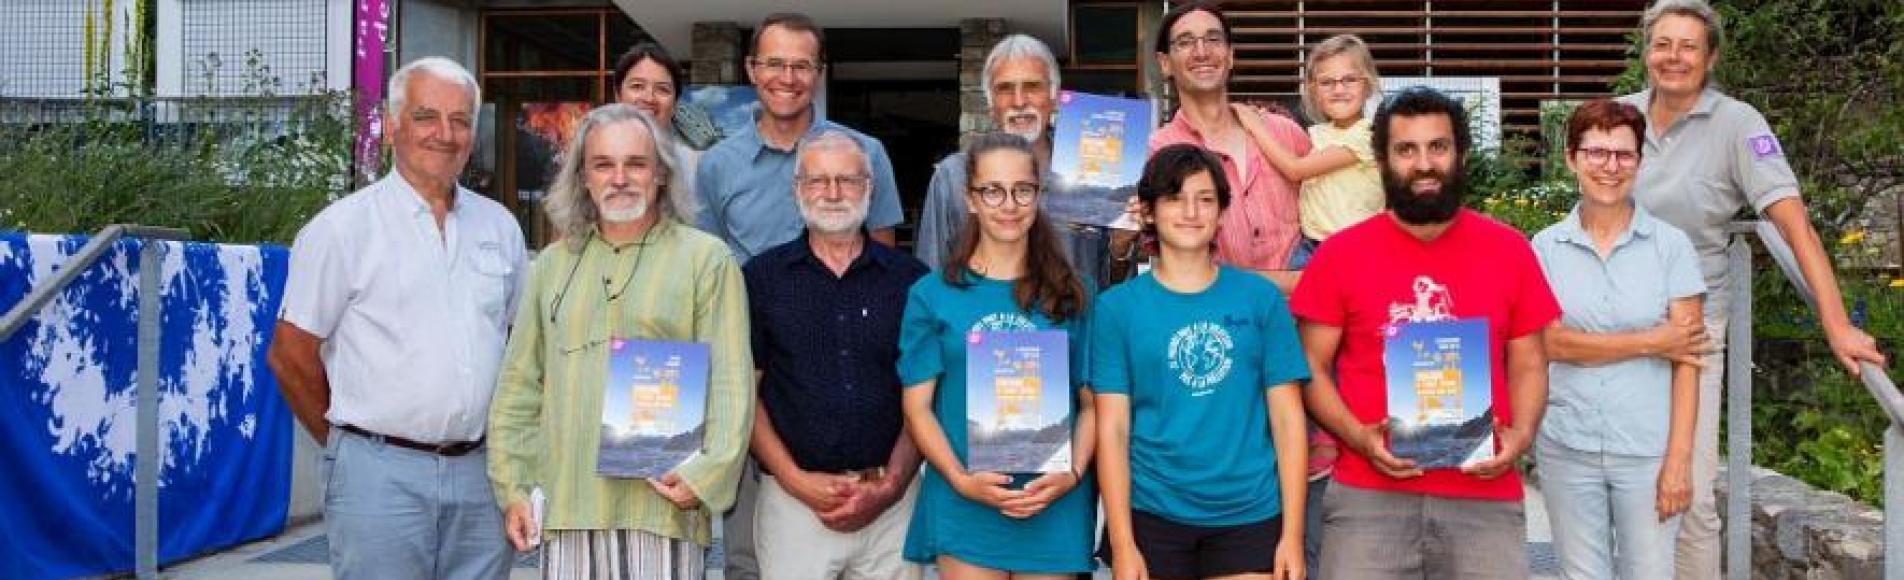 Les lauréats du concours Cclimatt - 2019- © T.Maillet - Parc national des Ecrins